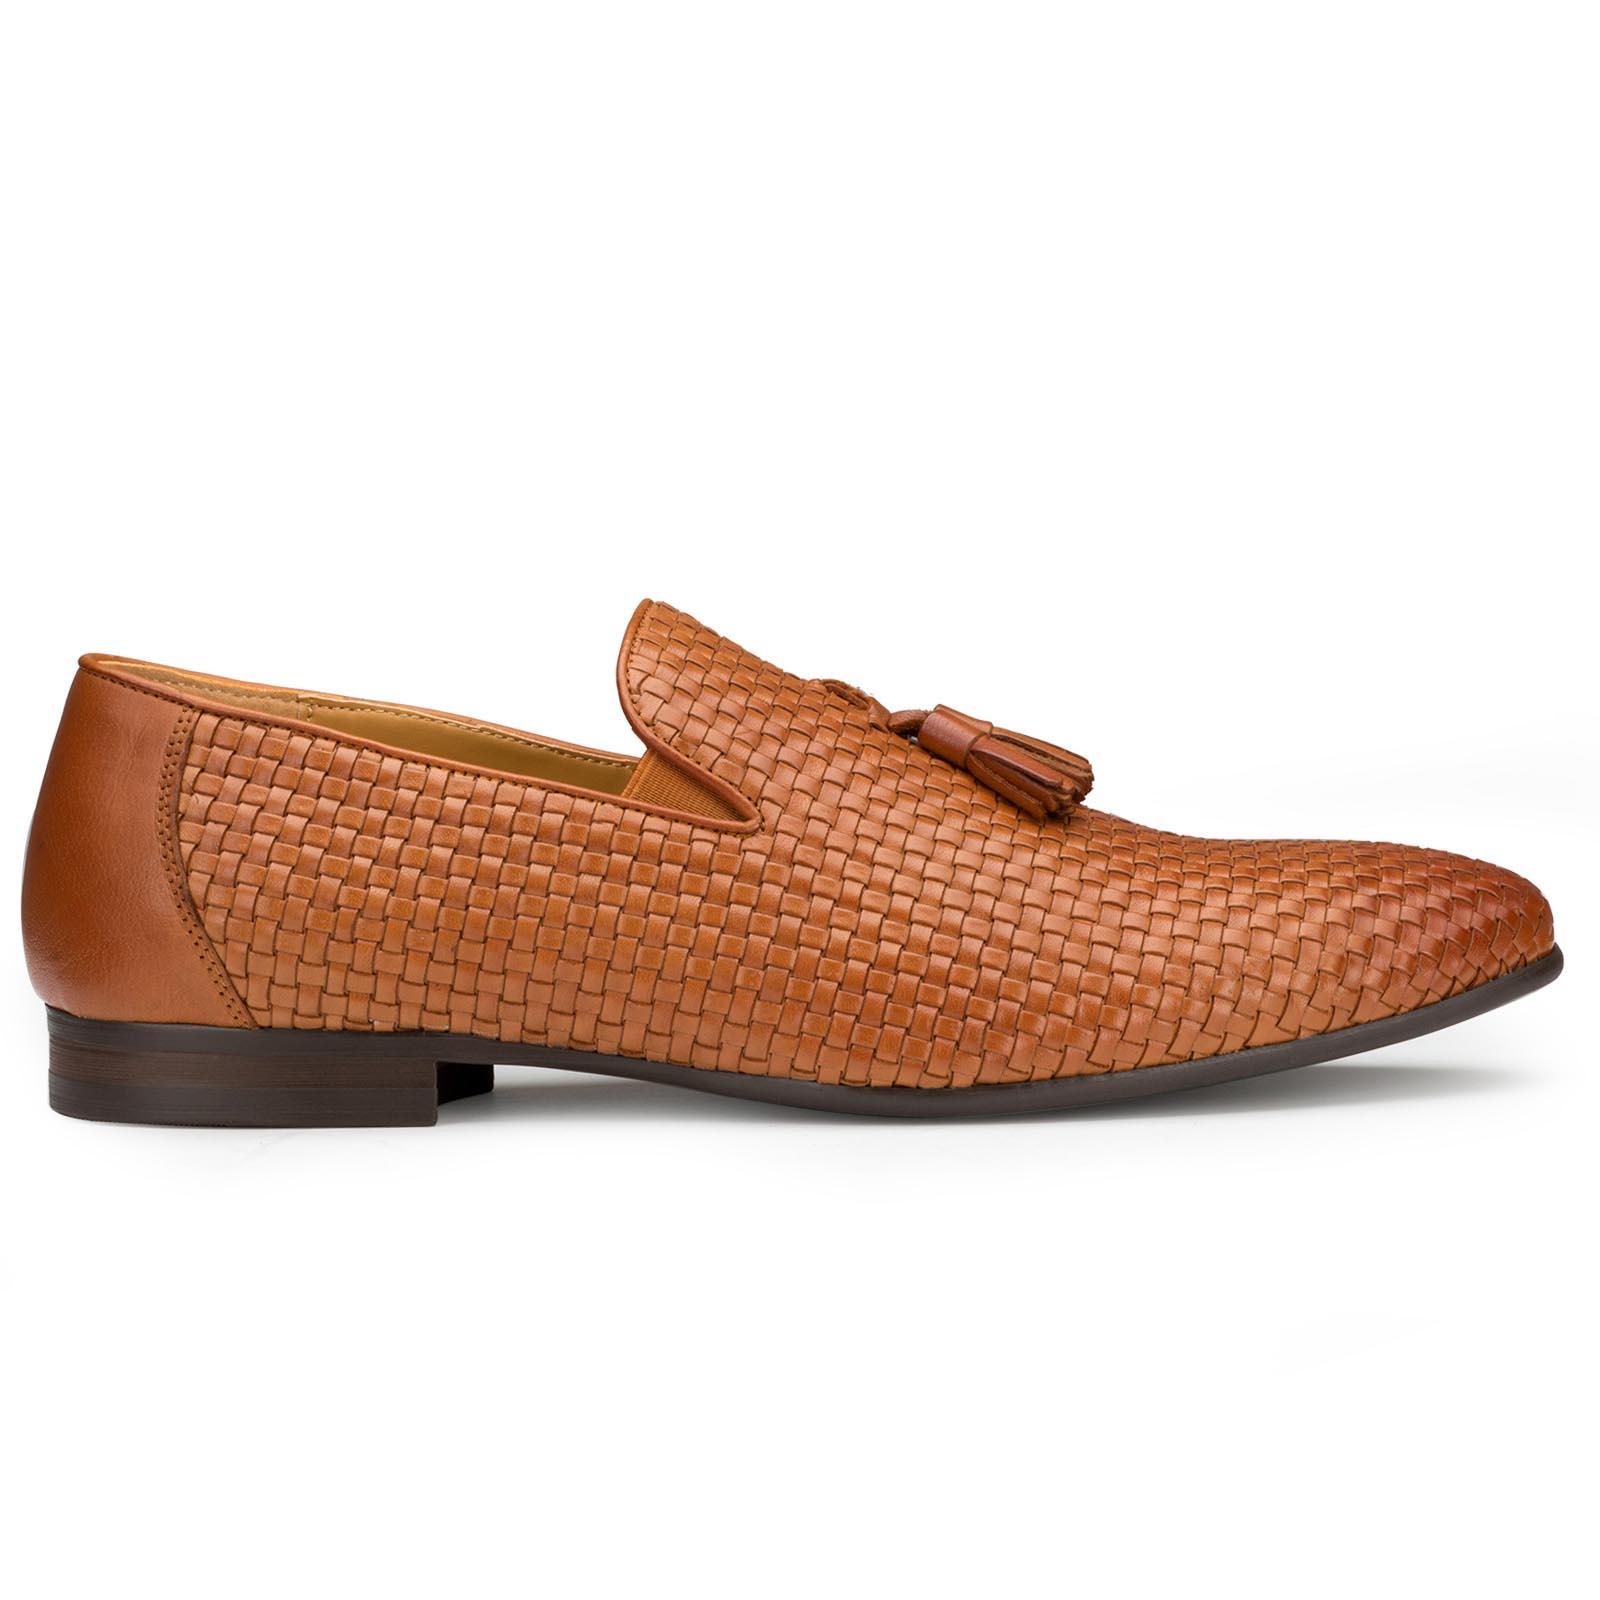 Tan Weaved Tassel Loafers